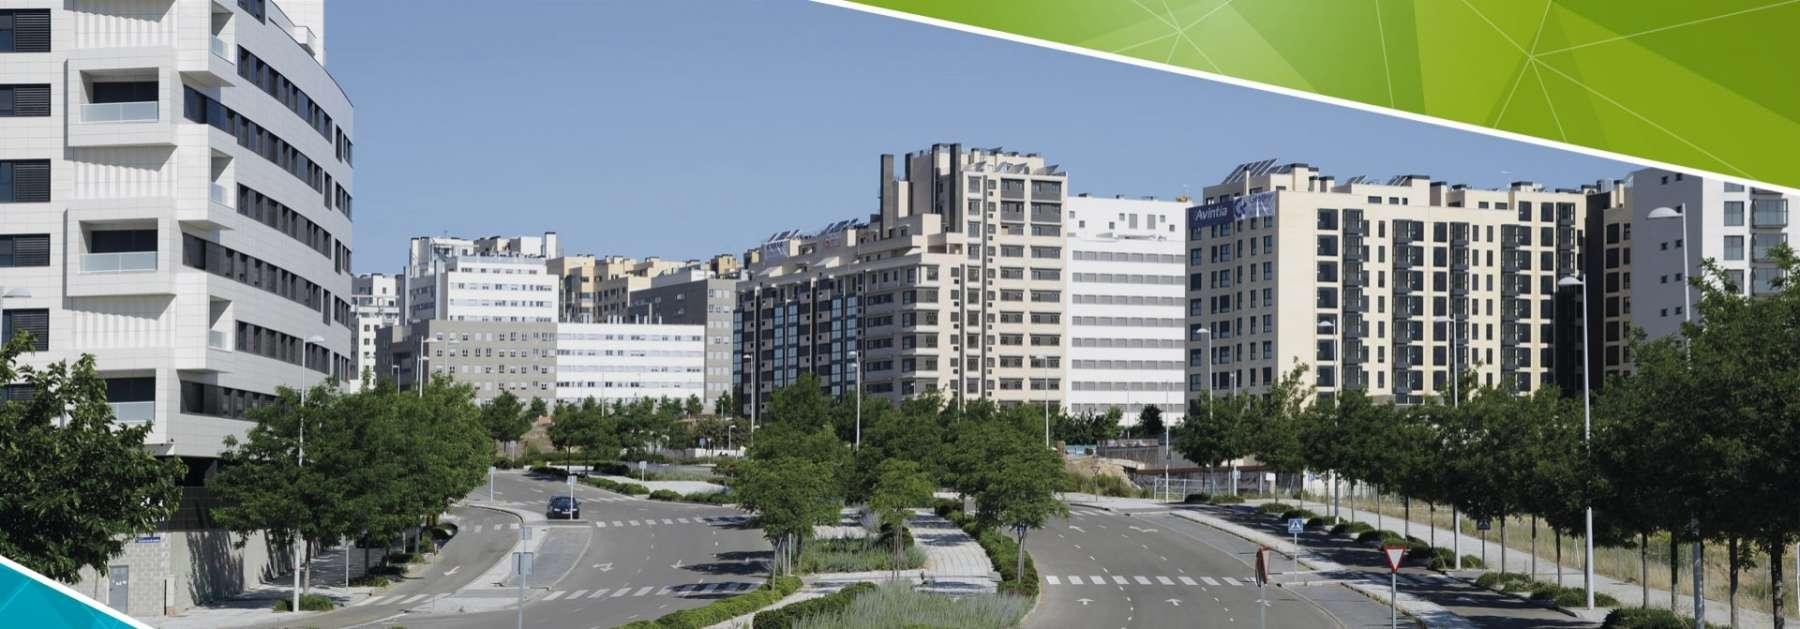 20.000 personas viven ya en VALDEBEBAS <br/>ciudad residencial